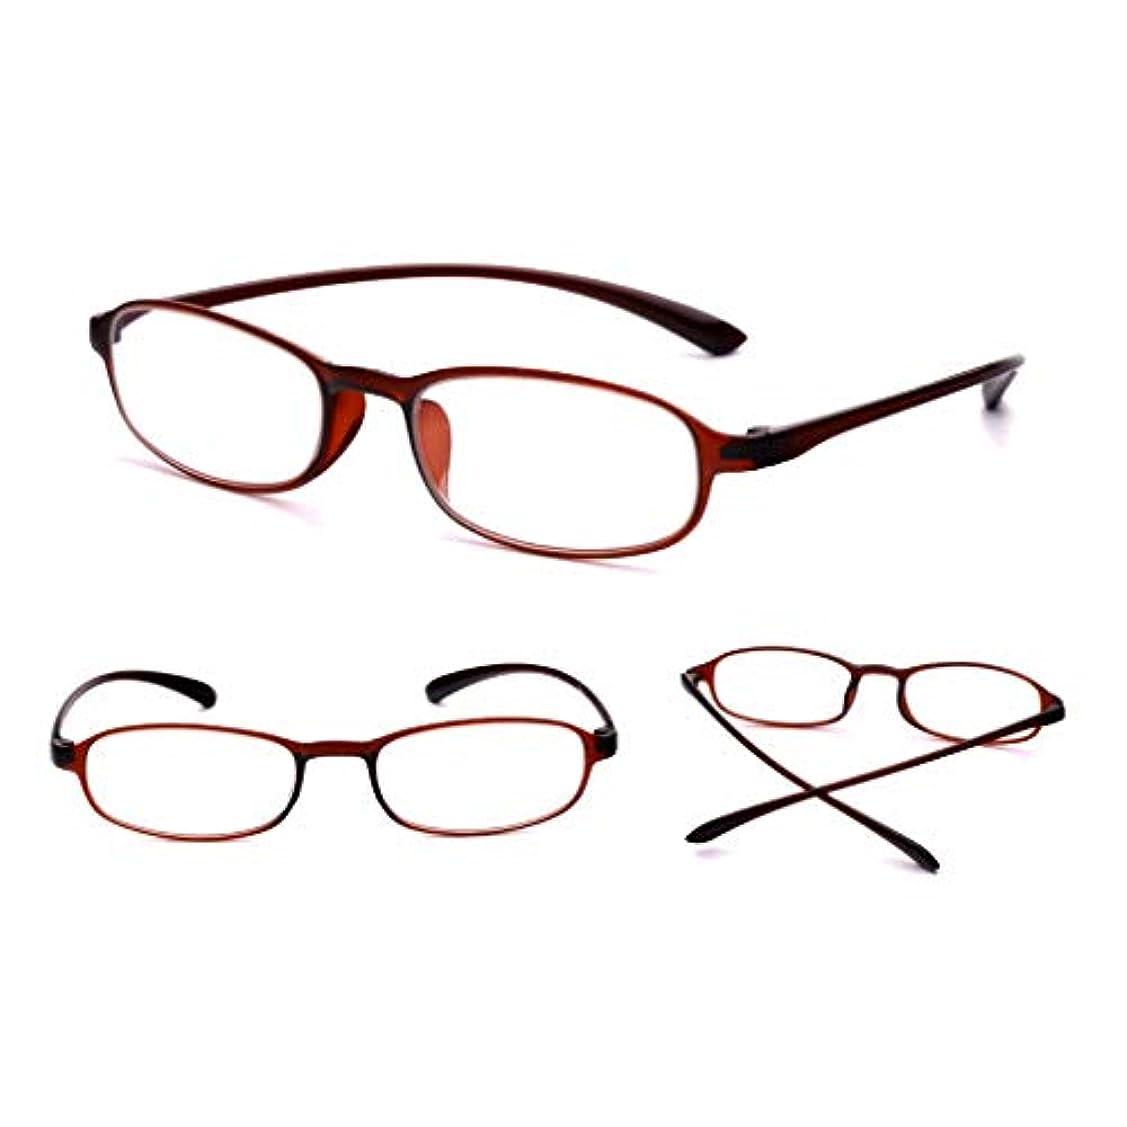 紀元前原稿習熟度クラシックオーバルスタイル老眼鏡、ユニセックス、樹脂メガネ抗疲労老眼鏡(赤、茶、黒)+1.0から+3.0